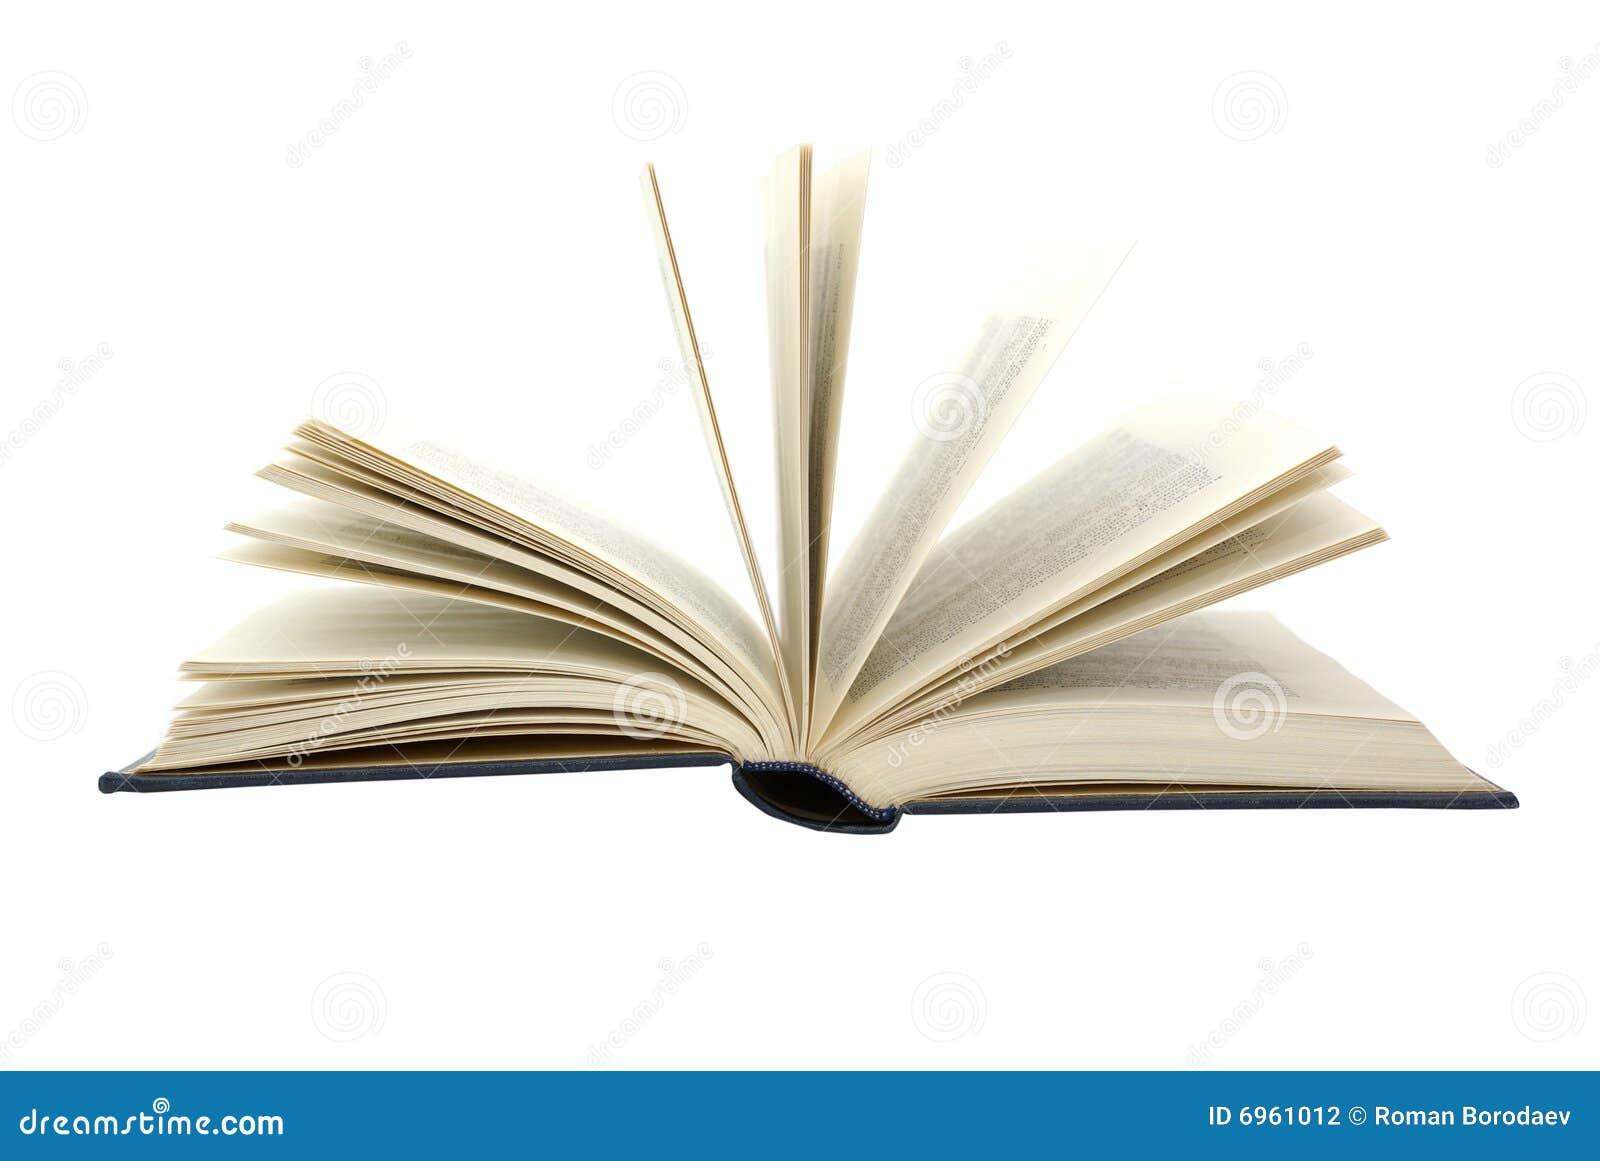 空白书逐渐变黄查出的老的页